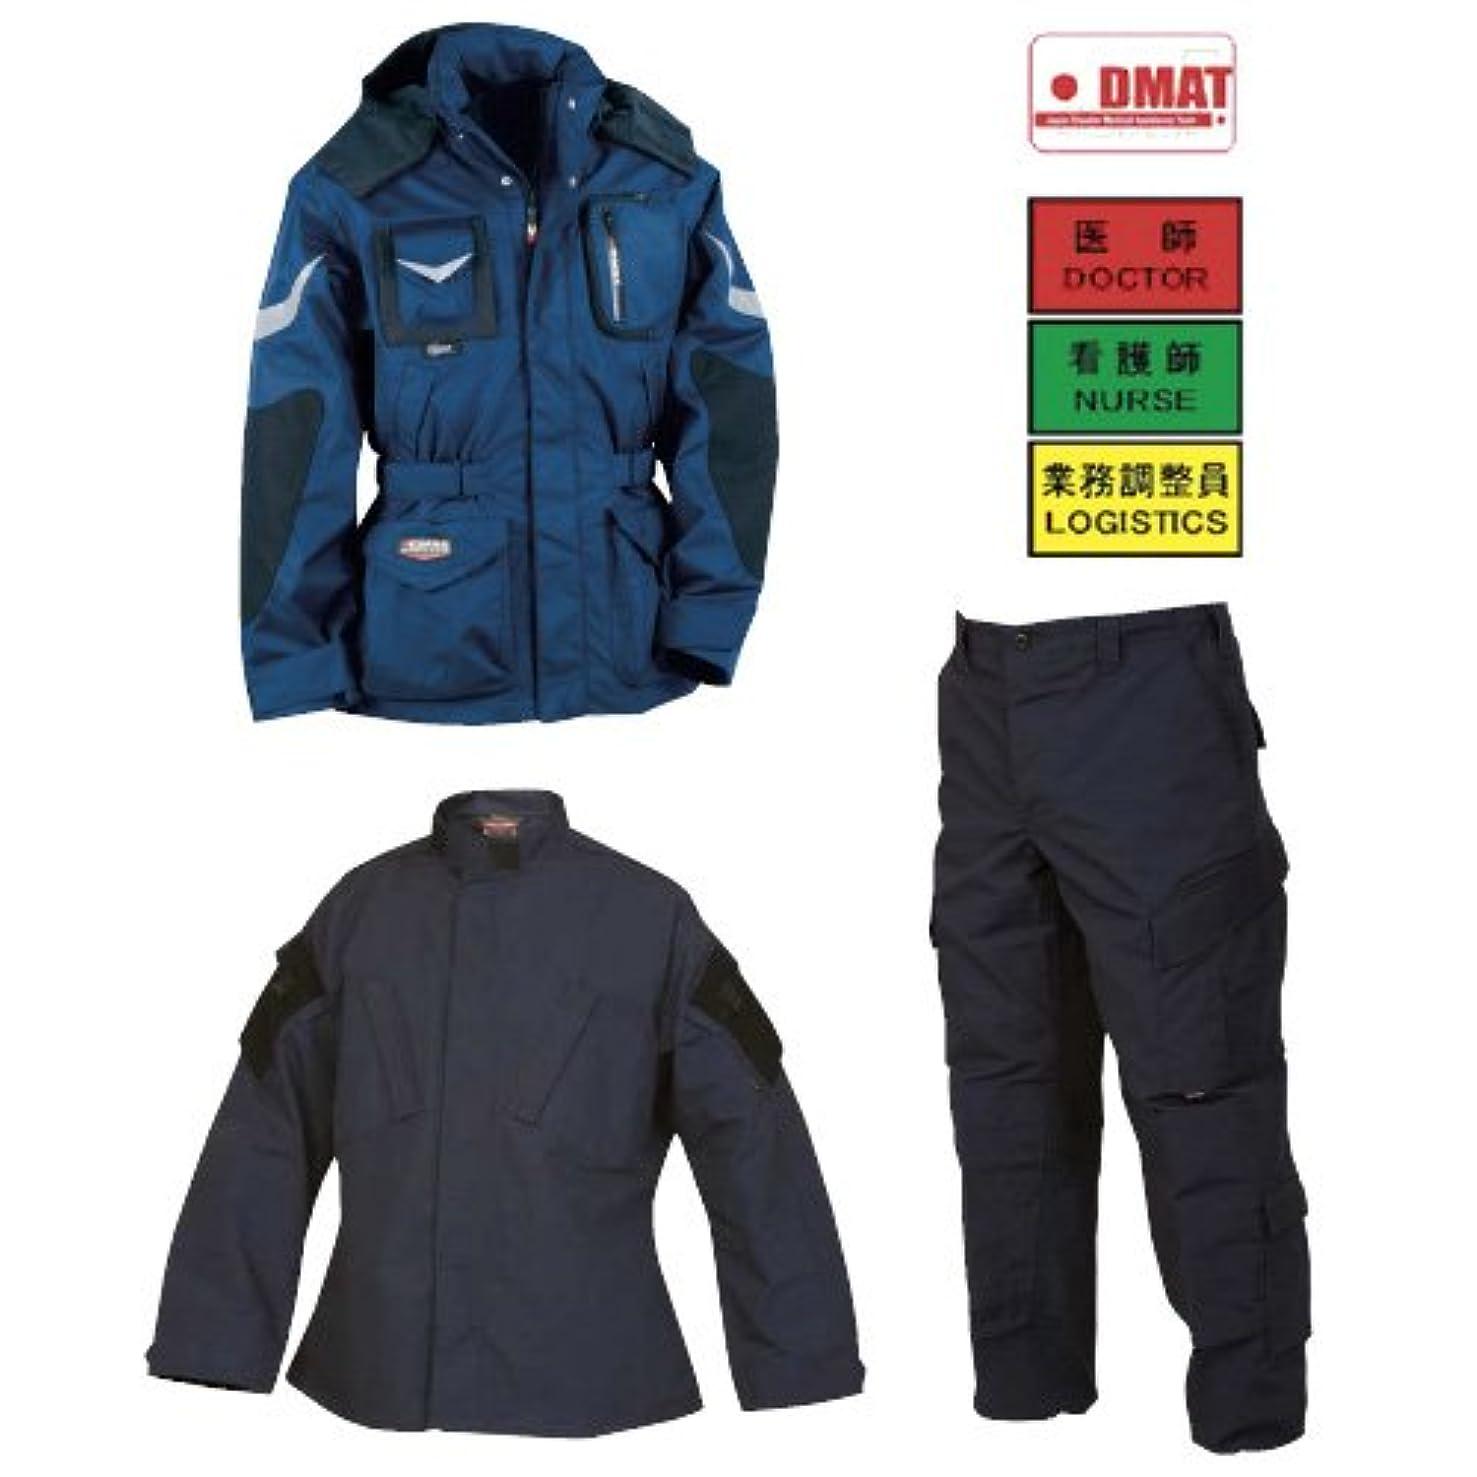 枯れるオペレーター砂EMSユーティリティシャツ GLS-247S(S) EMS?????????? ブラック(23-7533-00-02)【日本特装】[1枚単位]